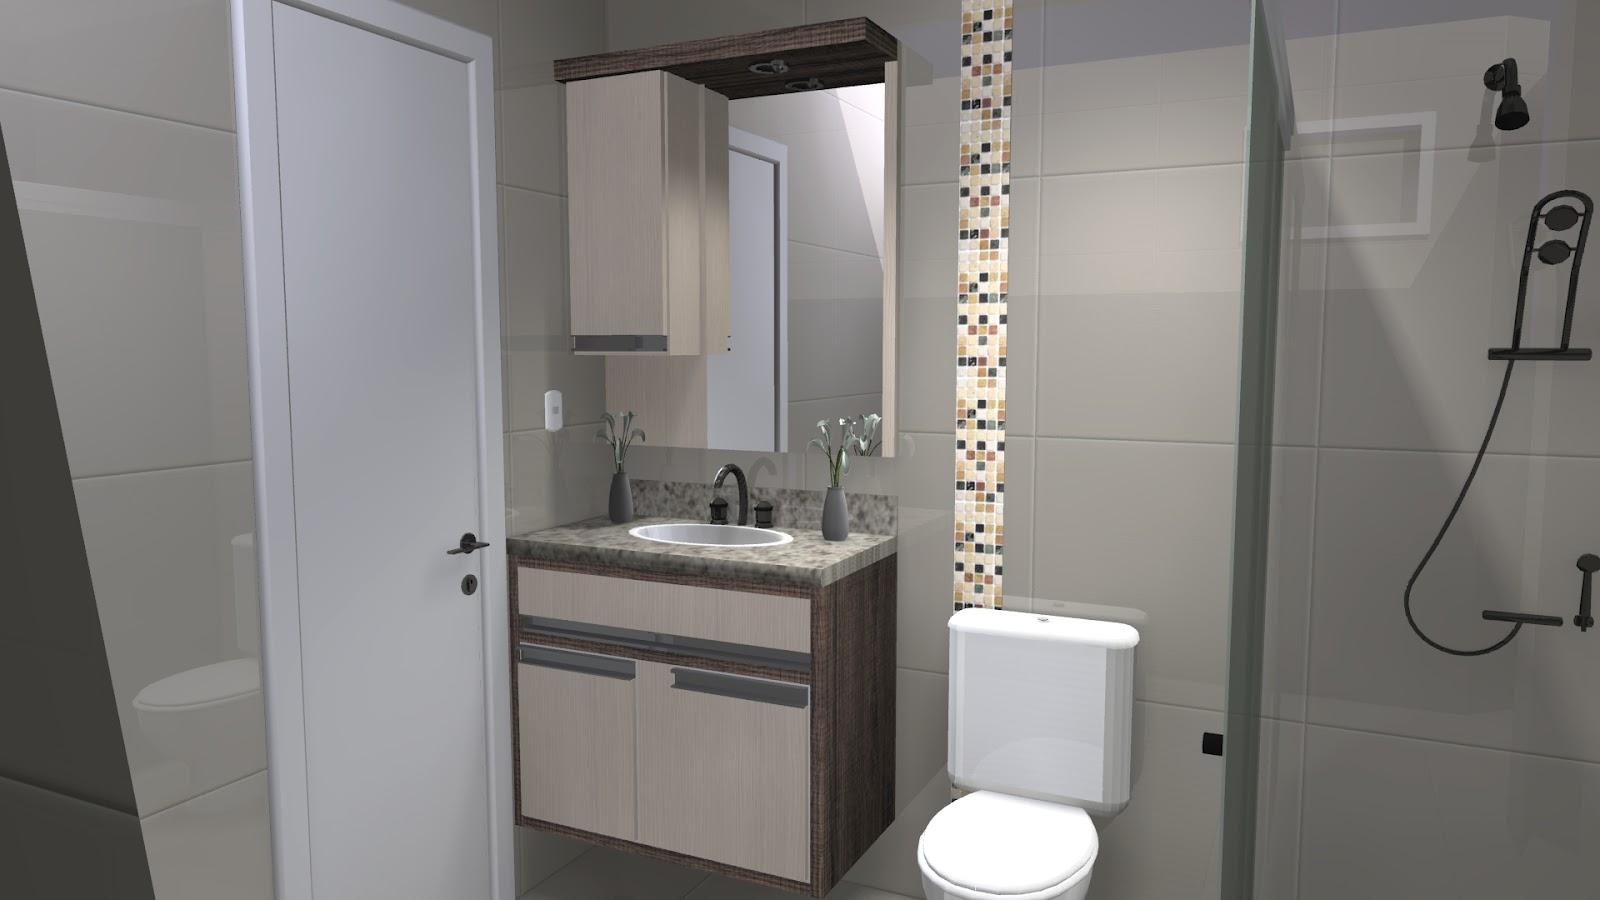 Espaço Nobre Design: Banheiro (Europine x Rústico) #726759 1600x900 Balcao Banheiro Rustico